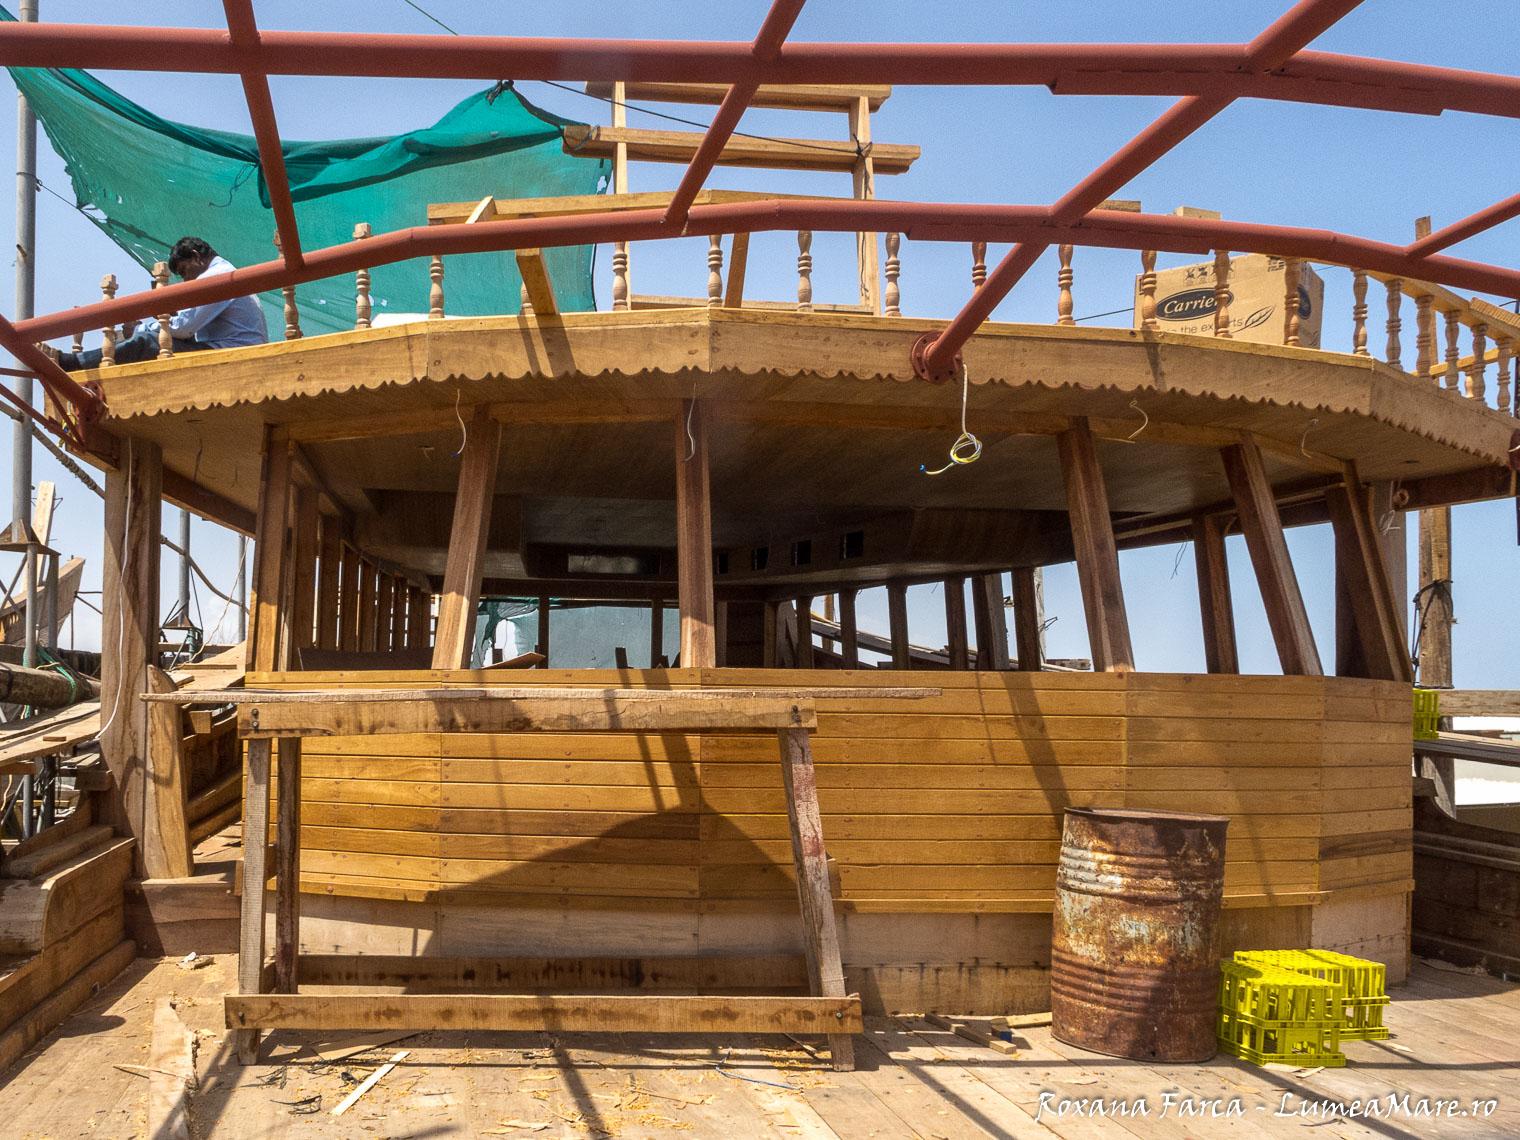 Oman-Sur-boats-8467